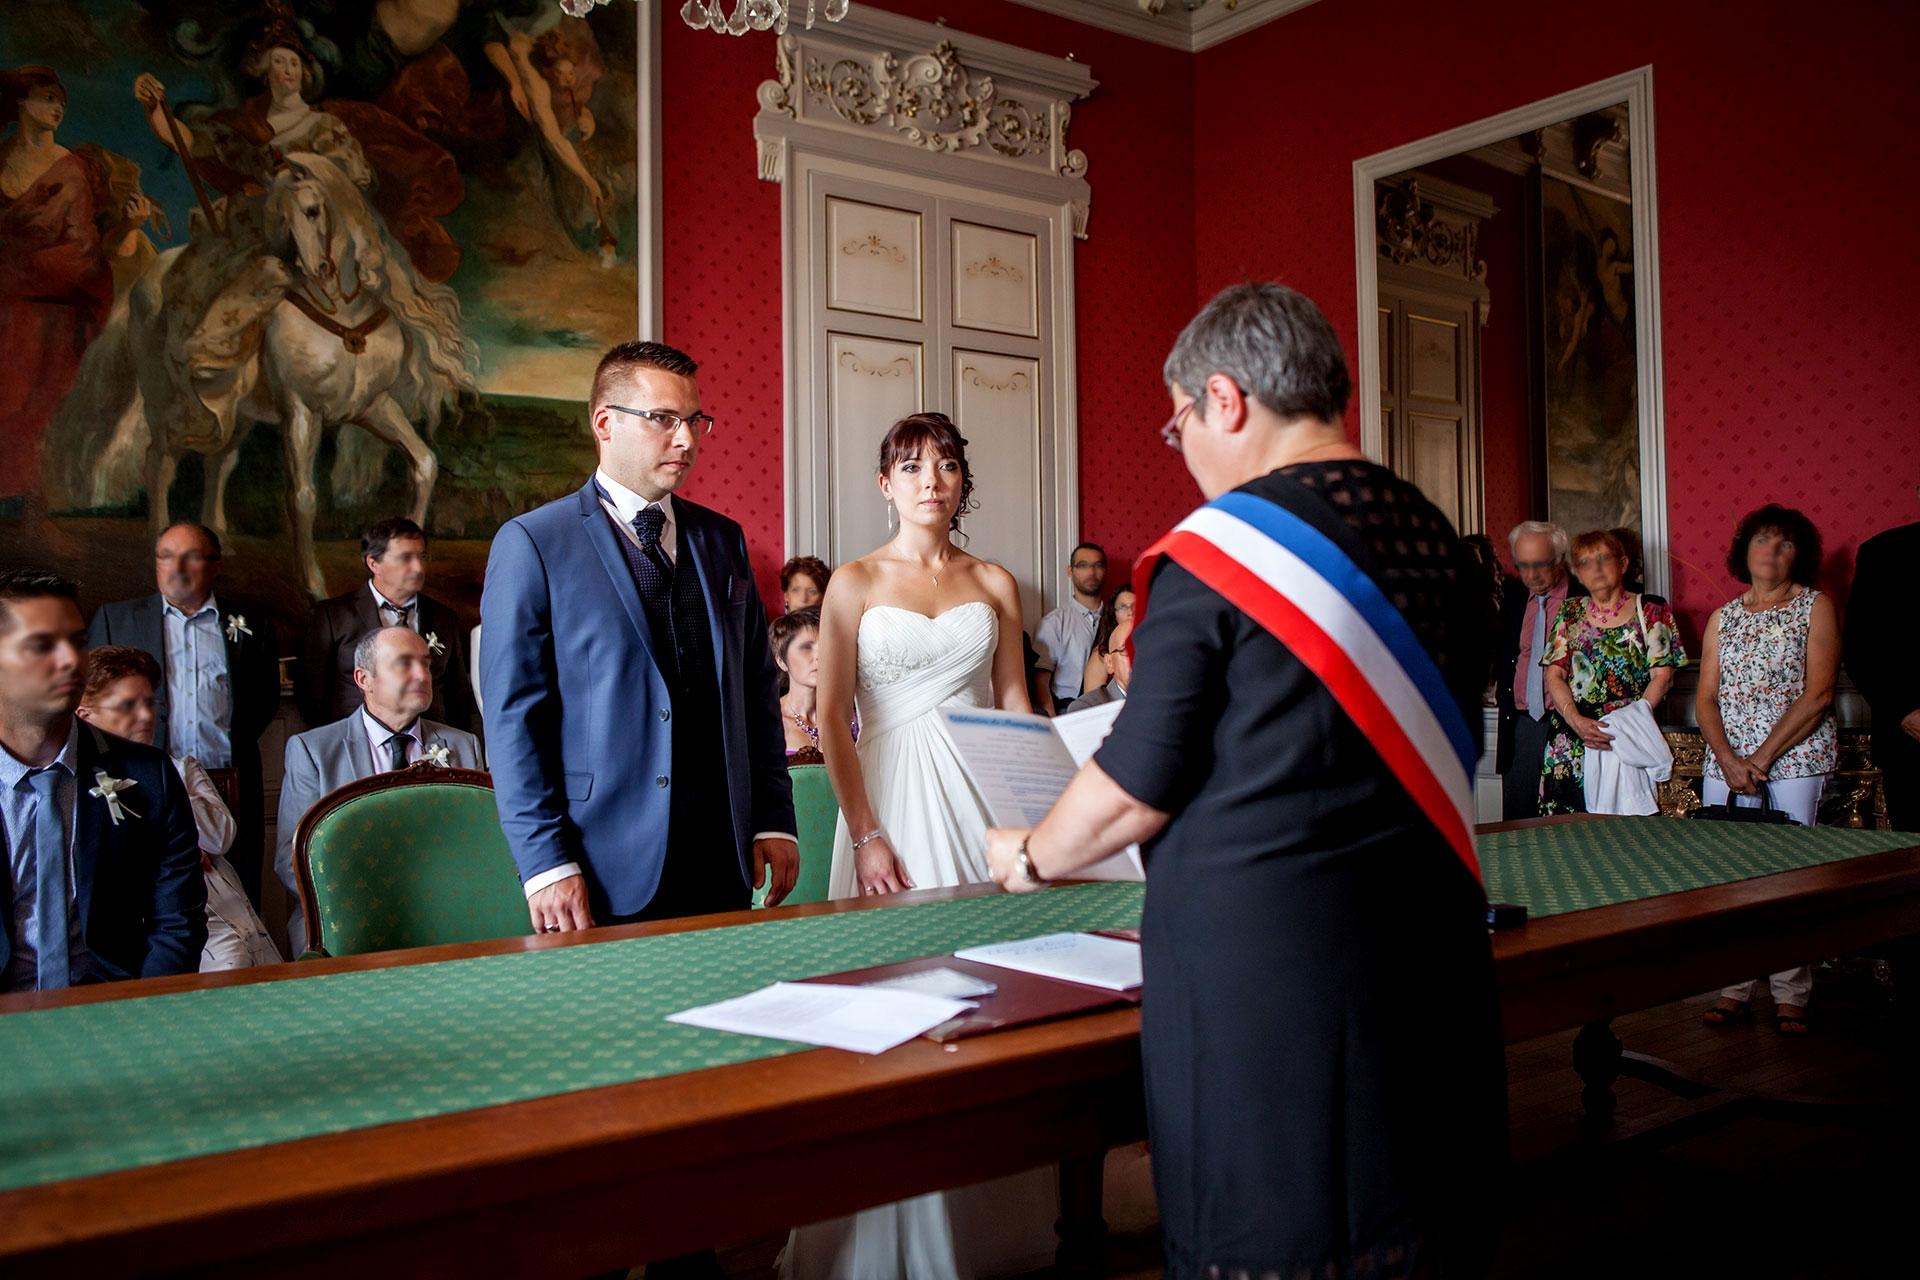 mariage-aurelie-geoffrey-03